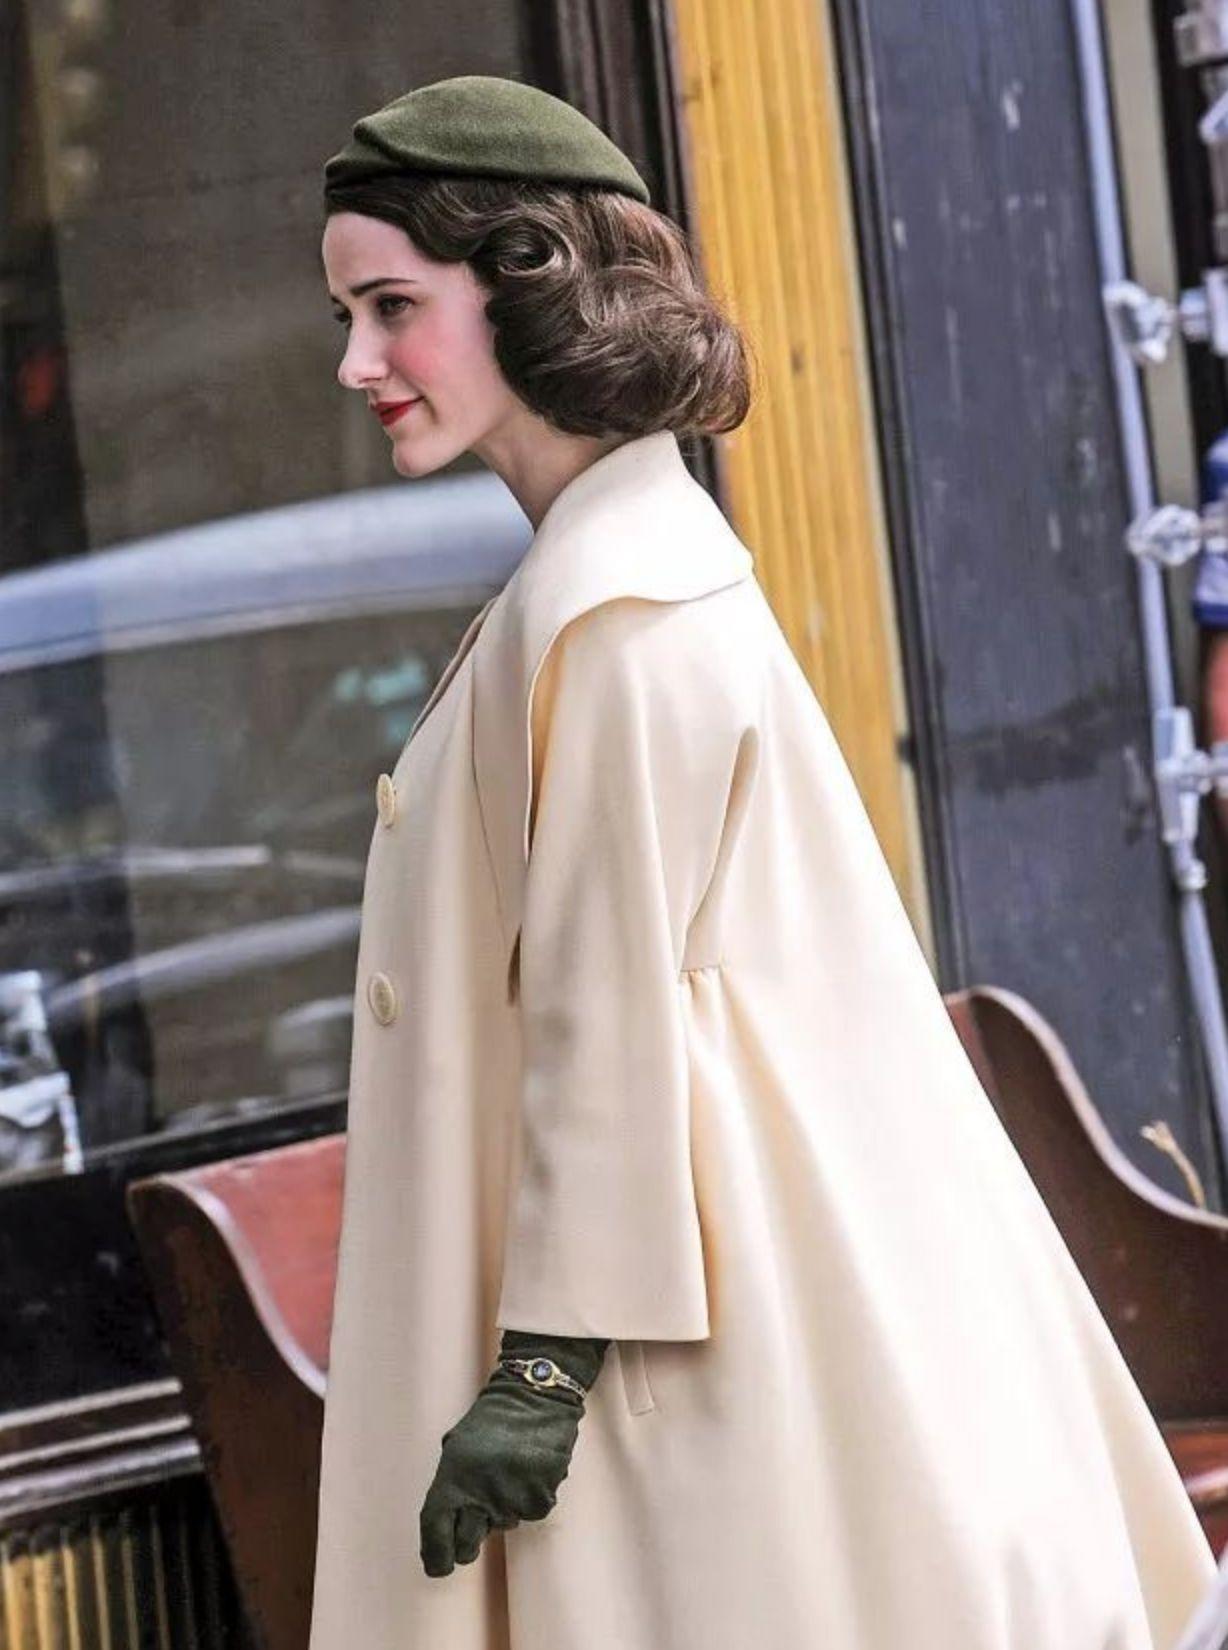 《了不起的麦瑟尔夫人》,了不起的是穿衣 时髦观